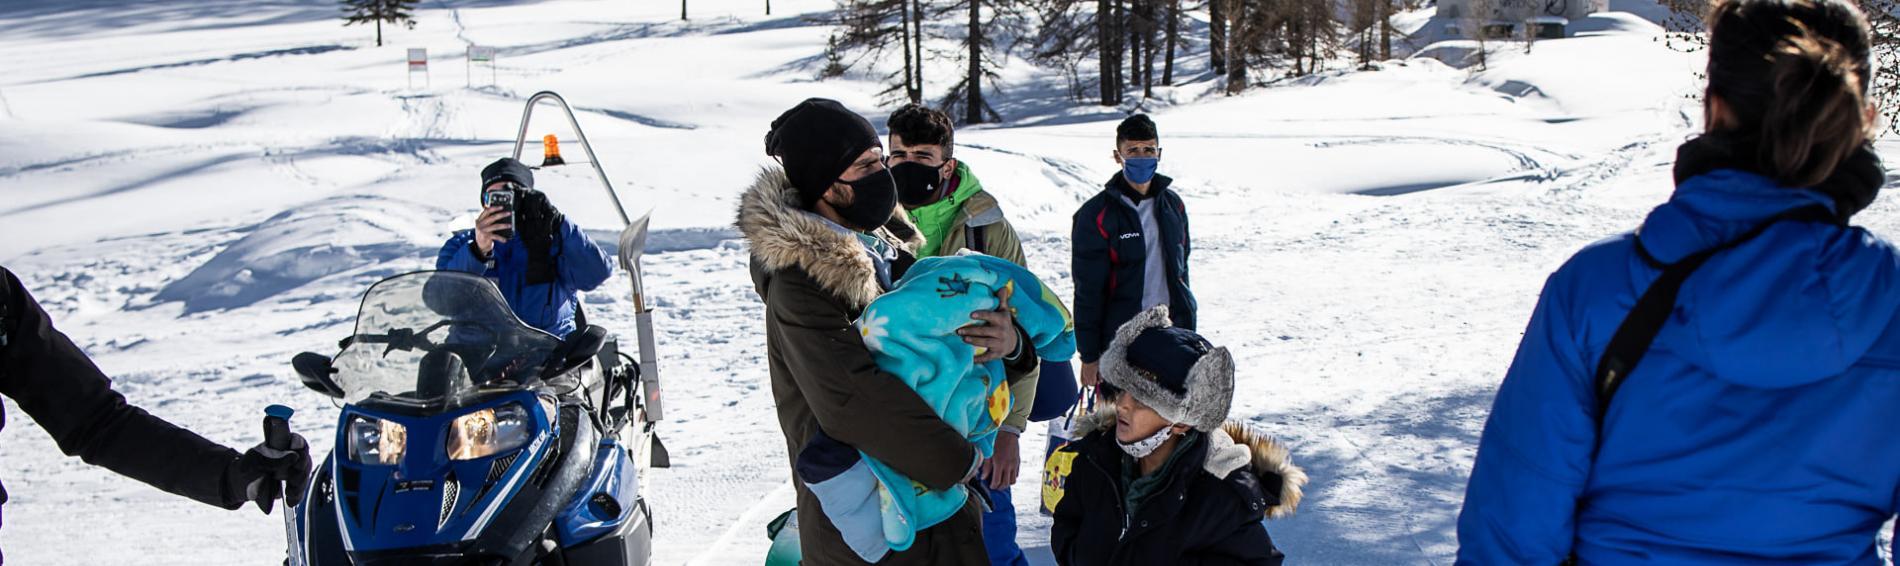 Die Eltern hatten in Begleitung von zwei Kindern, darunter ein Säugling, versucht, die Grenze in einer Höhe von mehr als 2000 m zu überqueren. Foto: Baptiste Soubra